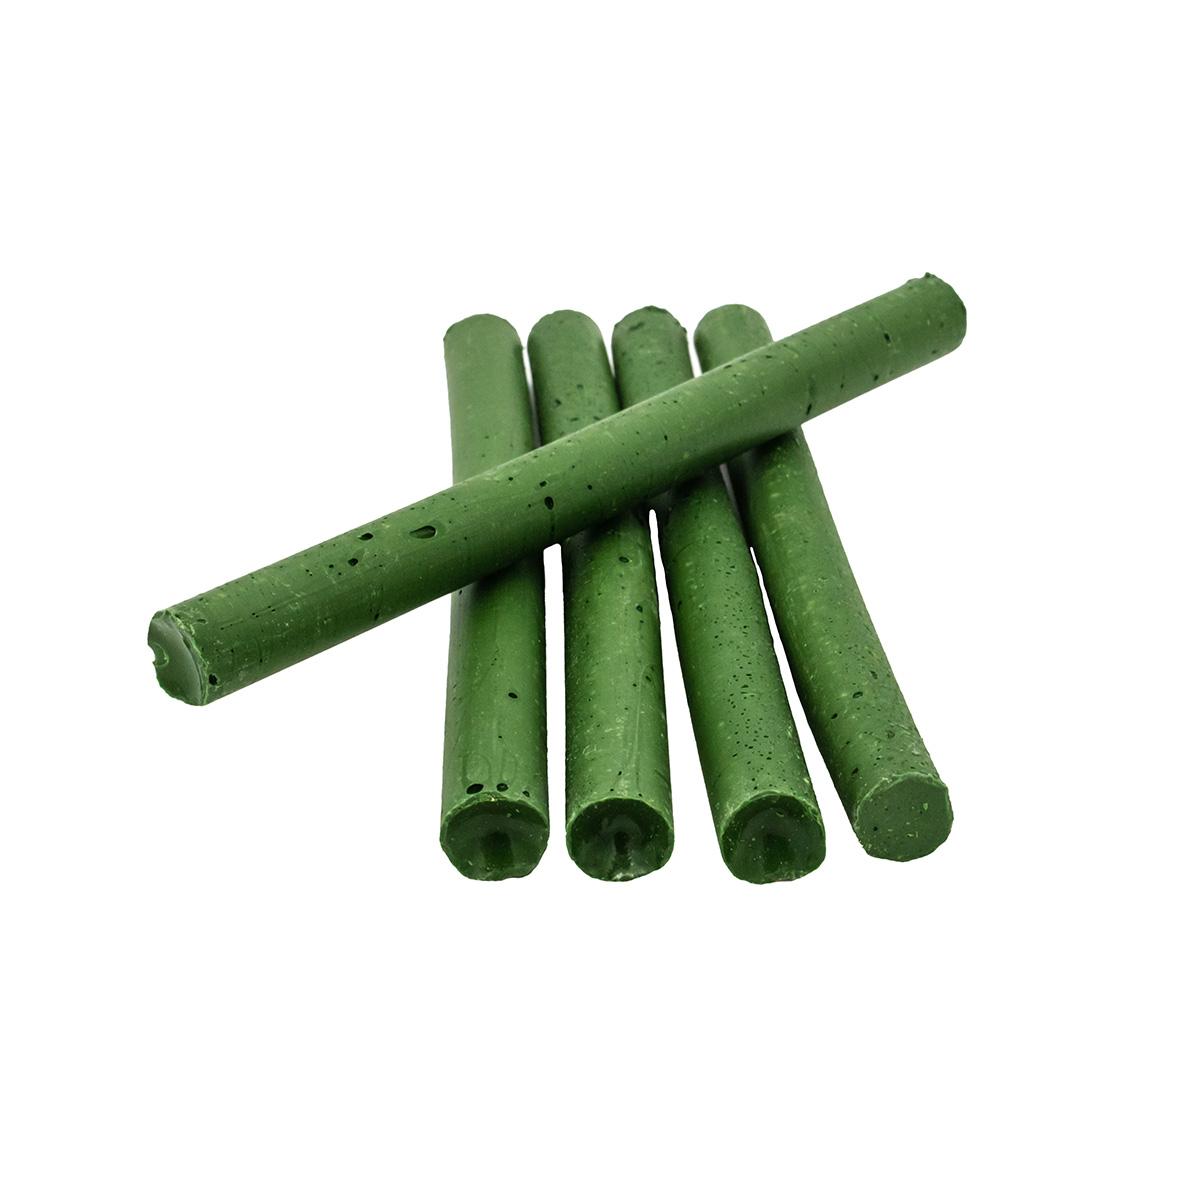 Сургуч в стержнях зеленый для клеевого пистолета, 5шт/упак Астра